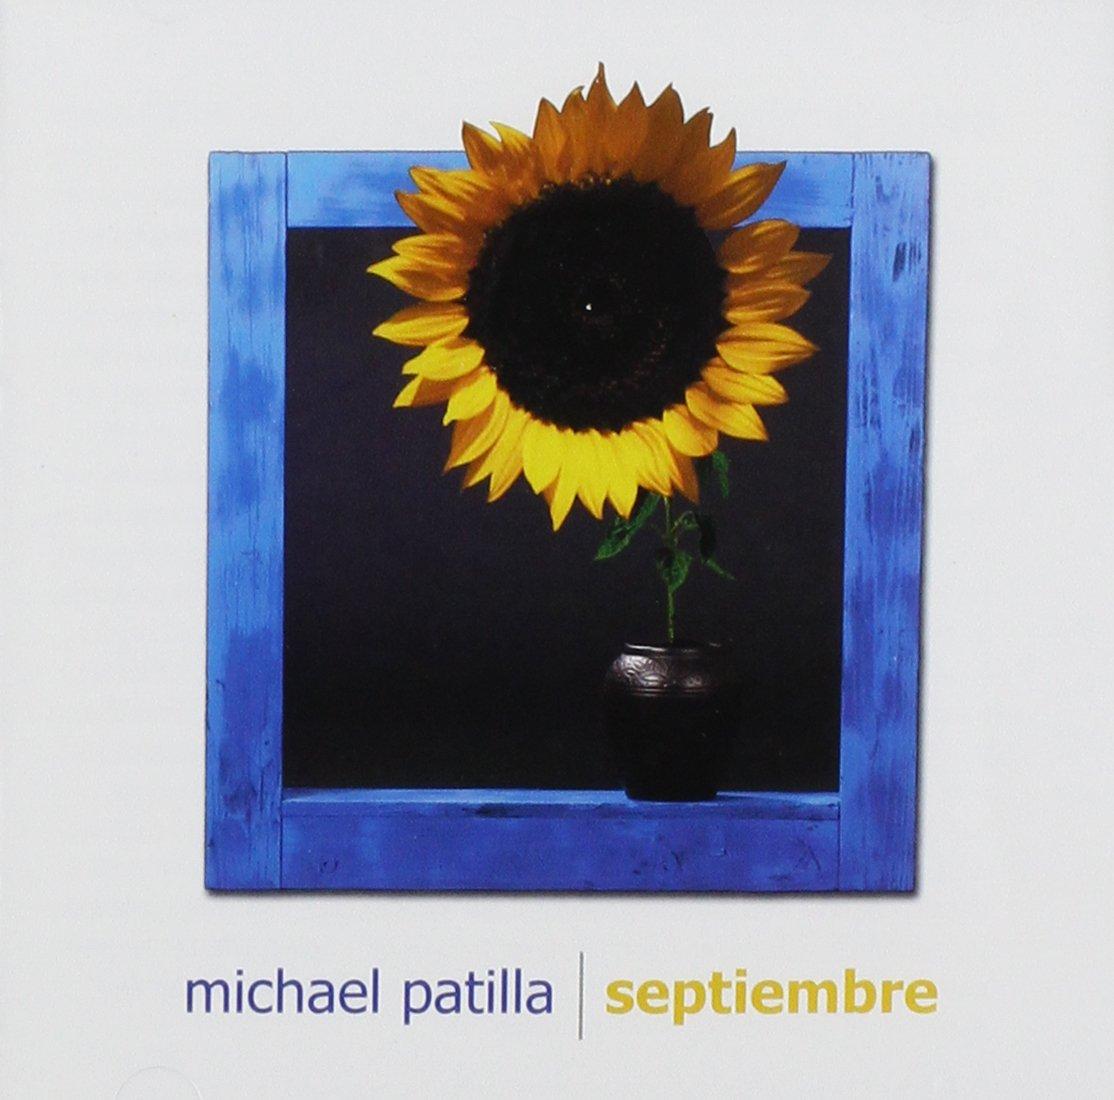 Septiembre by World Classics